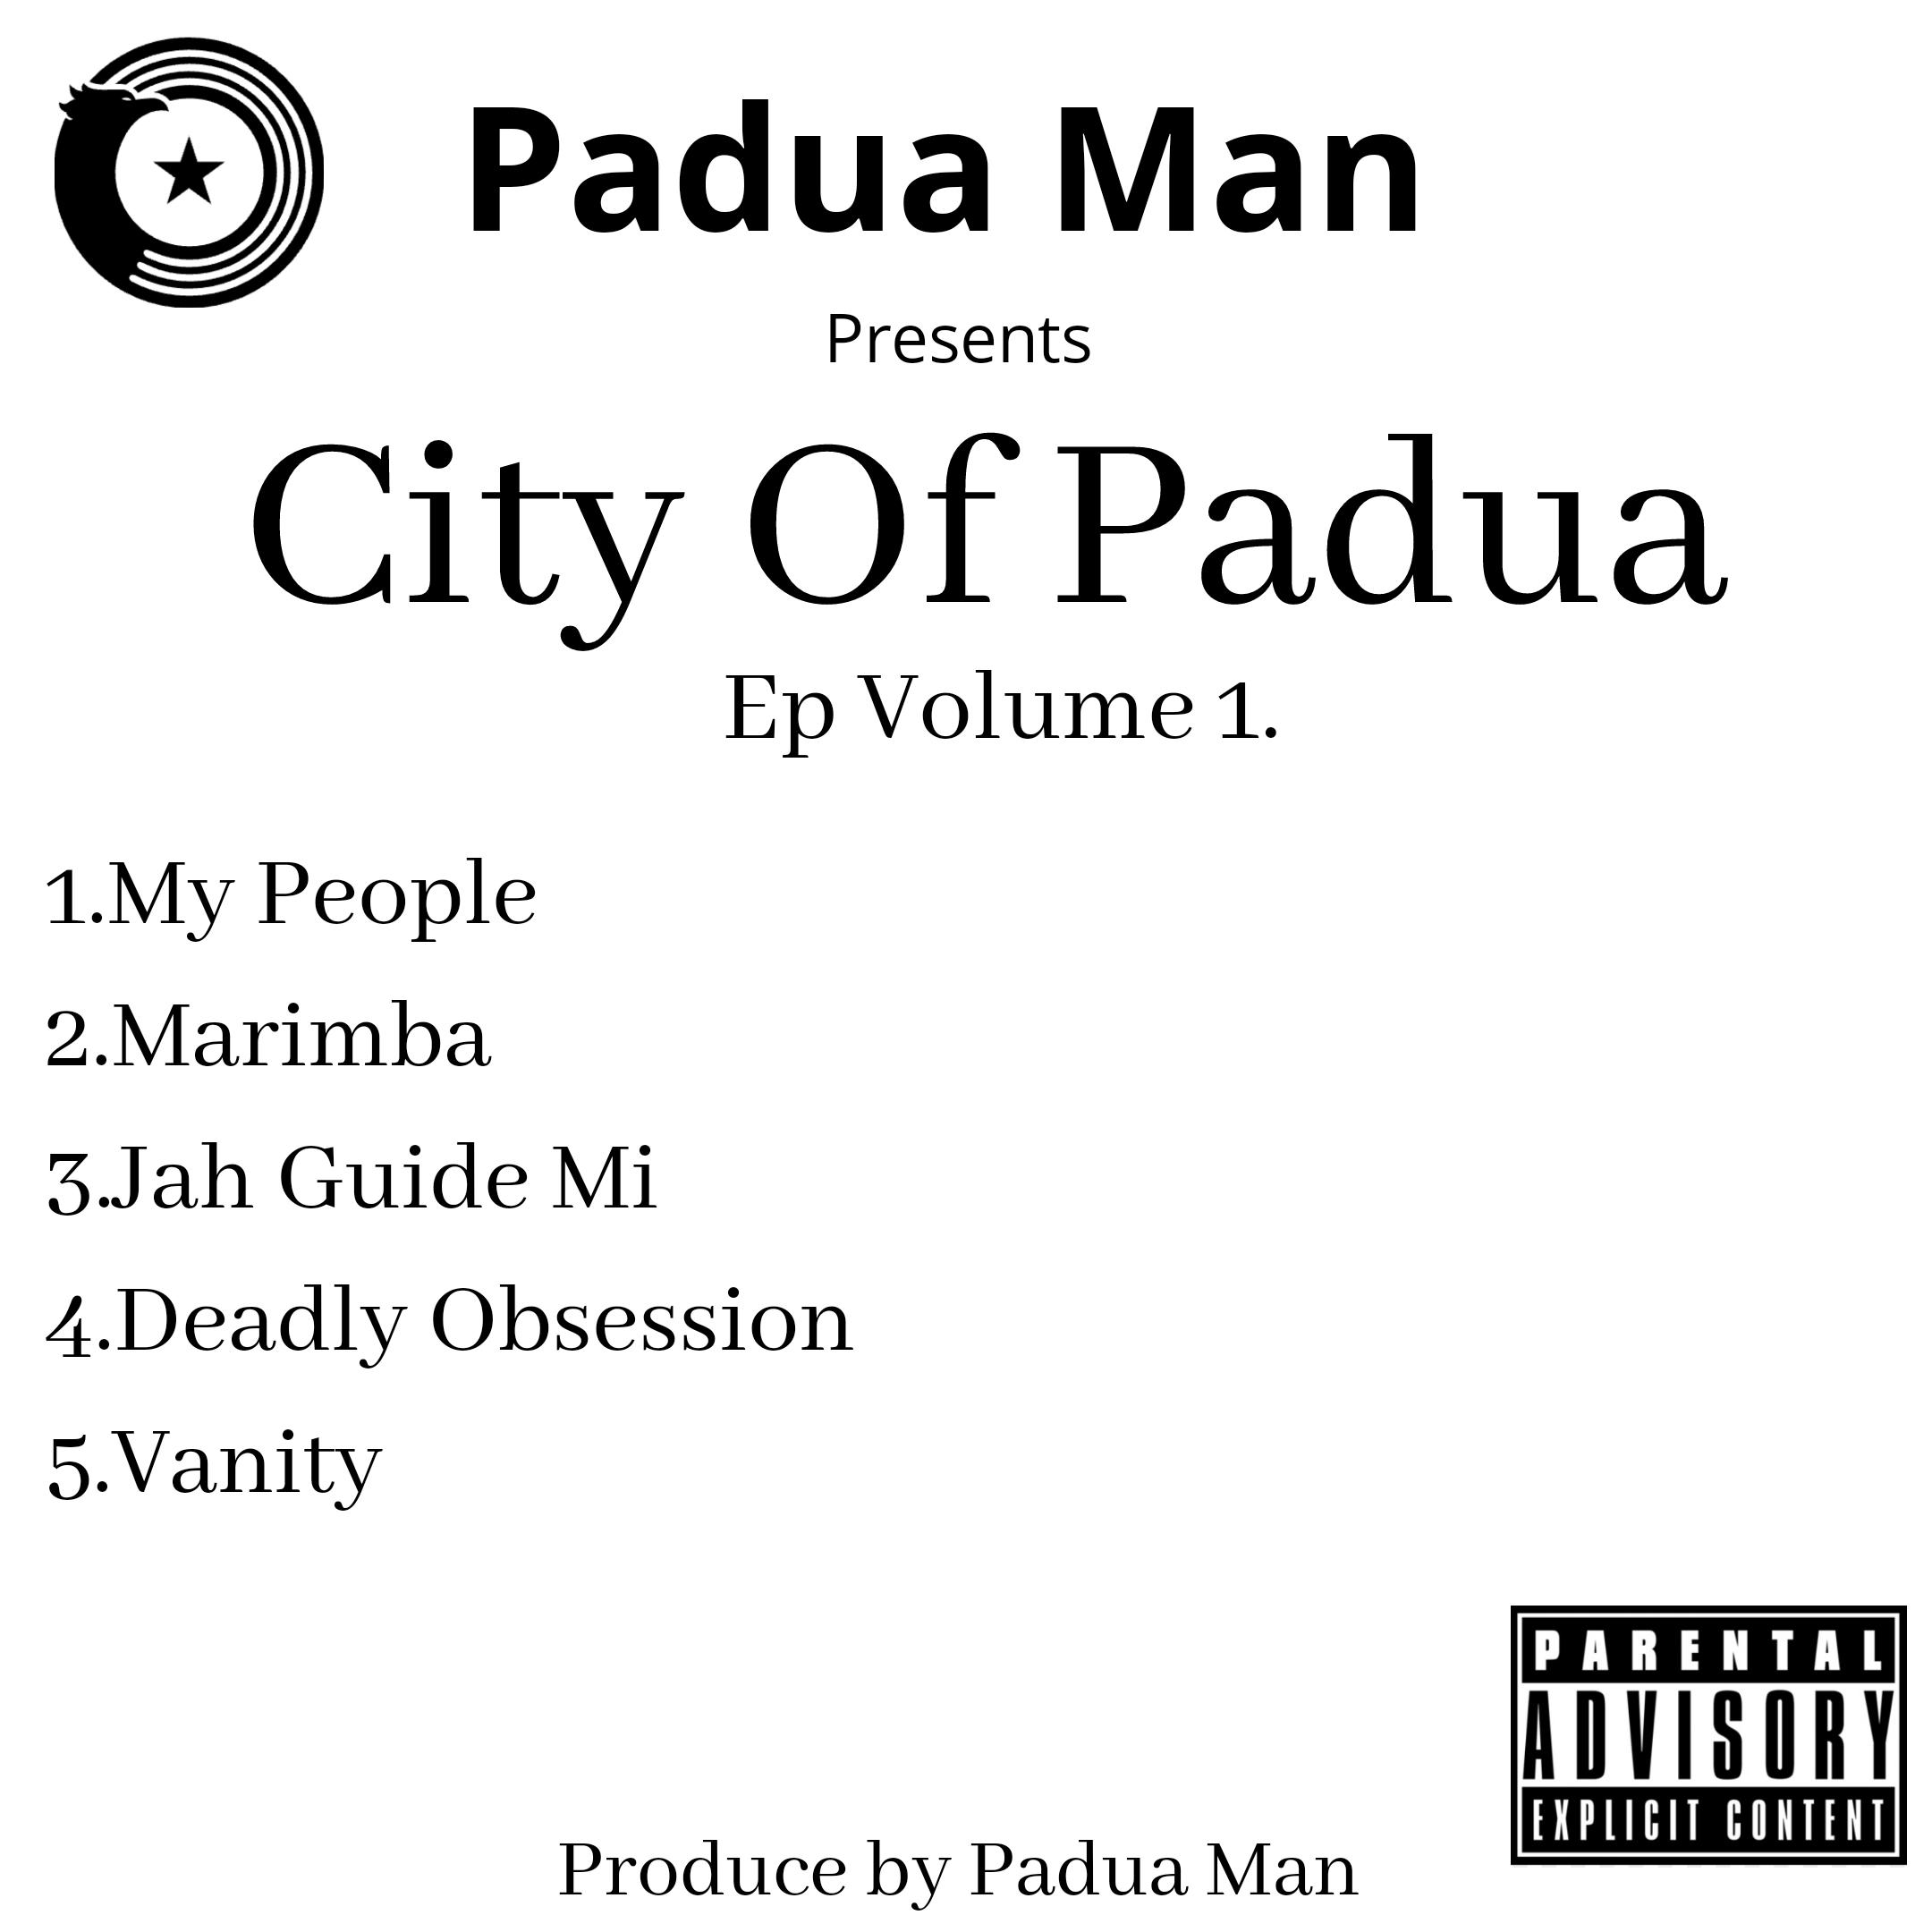 City Of Padua  Ep Vol 1 by Padua Man | Album